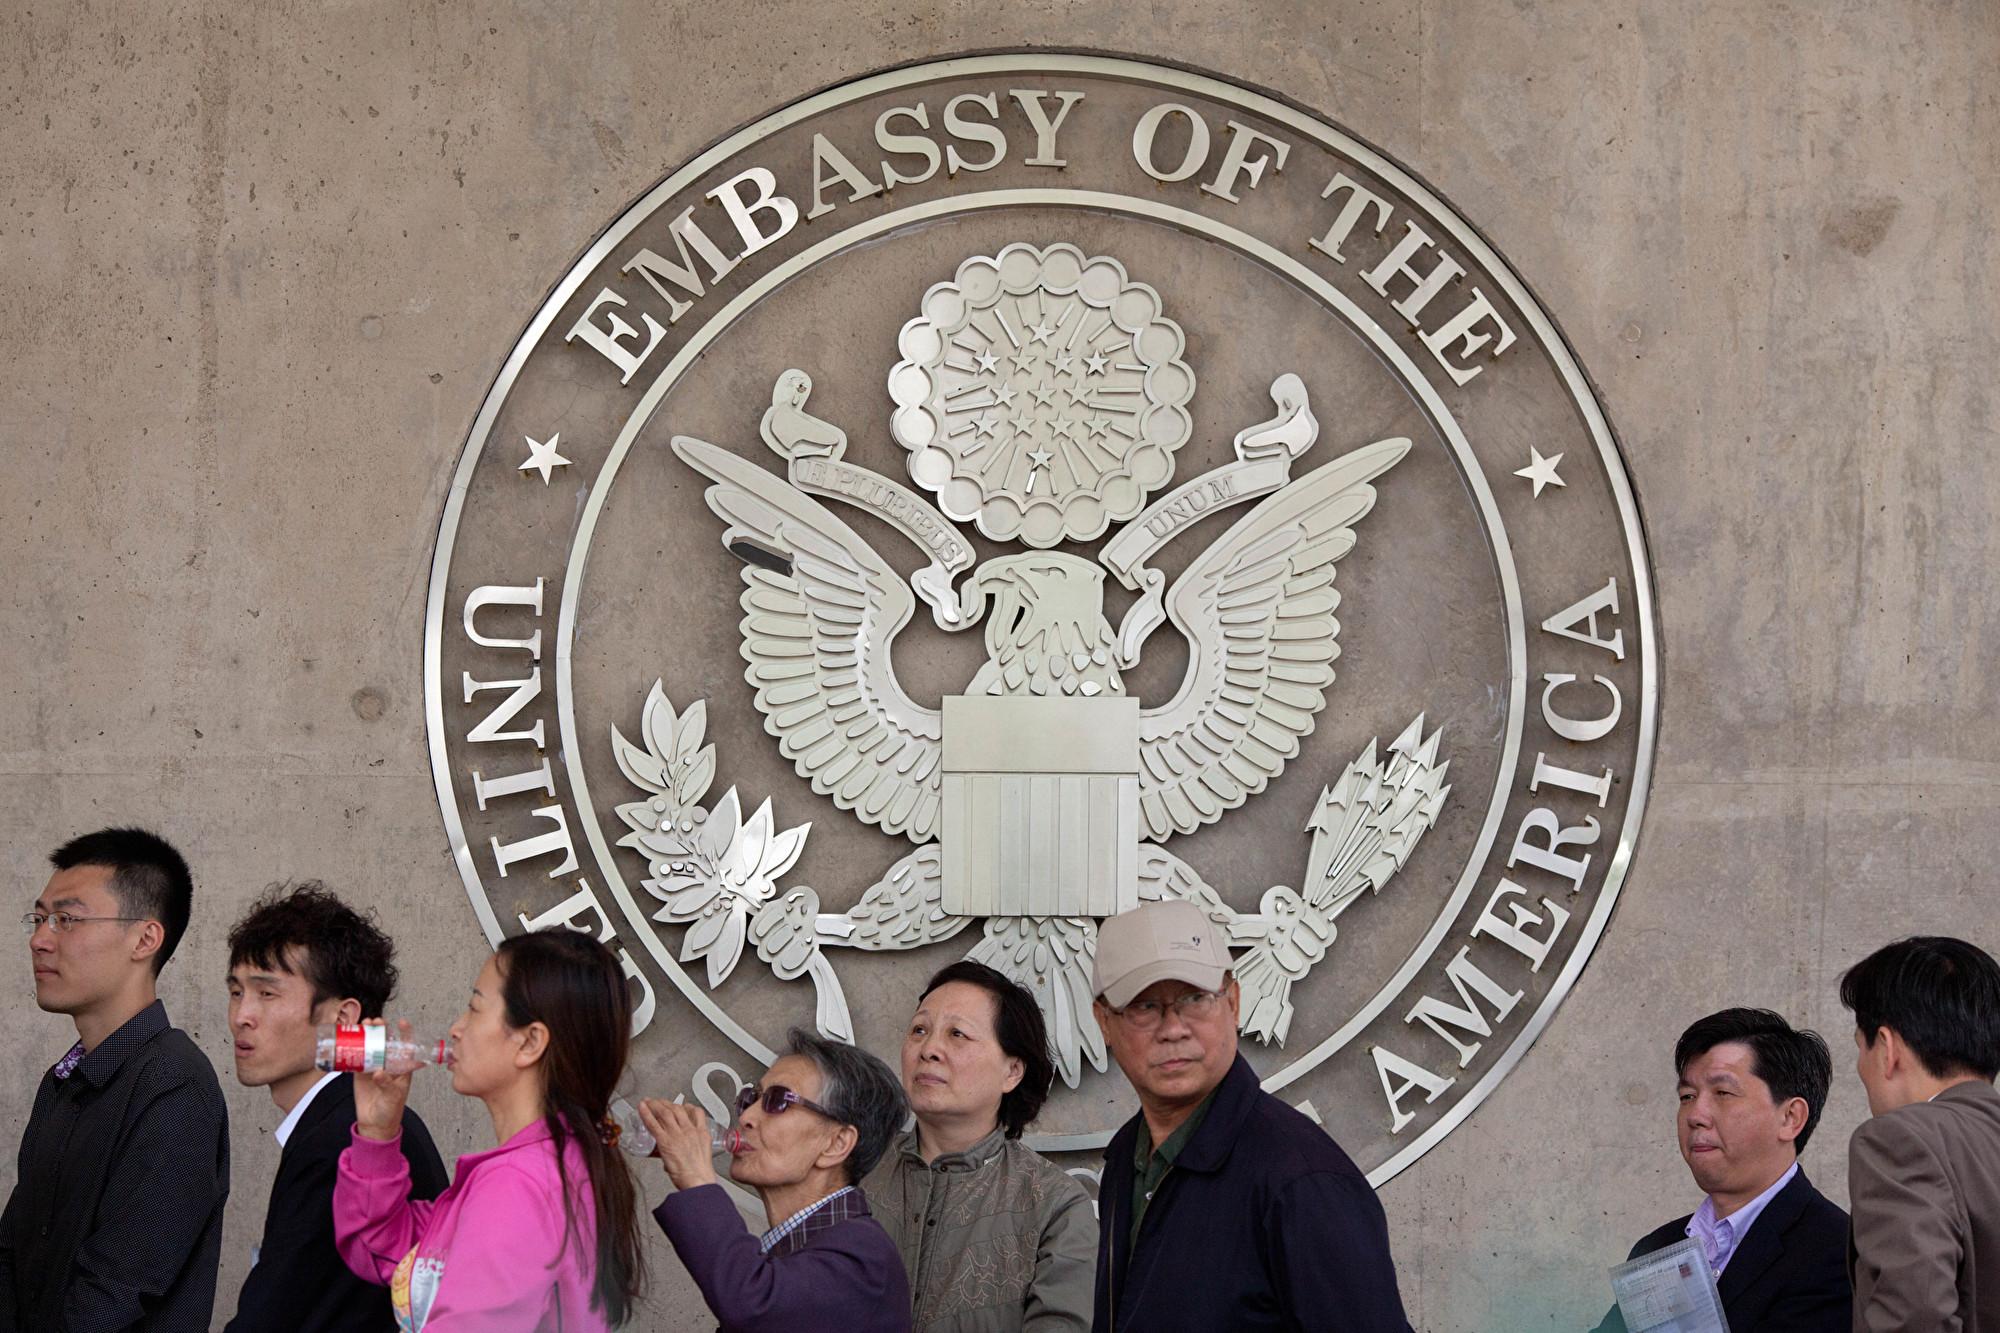 《環球時報》新媒體部主任郝珺石自稱申請美國簽證被拒絕,遭網民嘲諷。圖為2012年4月27日,大陸民眾在美國駐北京大使館排隊。(Ed Jones/AFP/GettyImages)